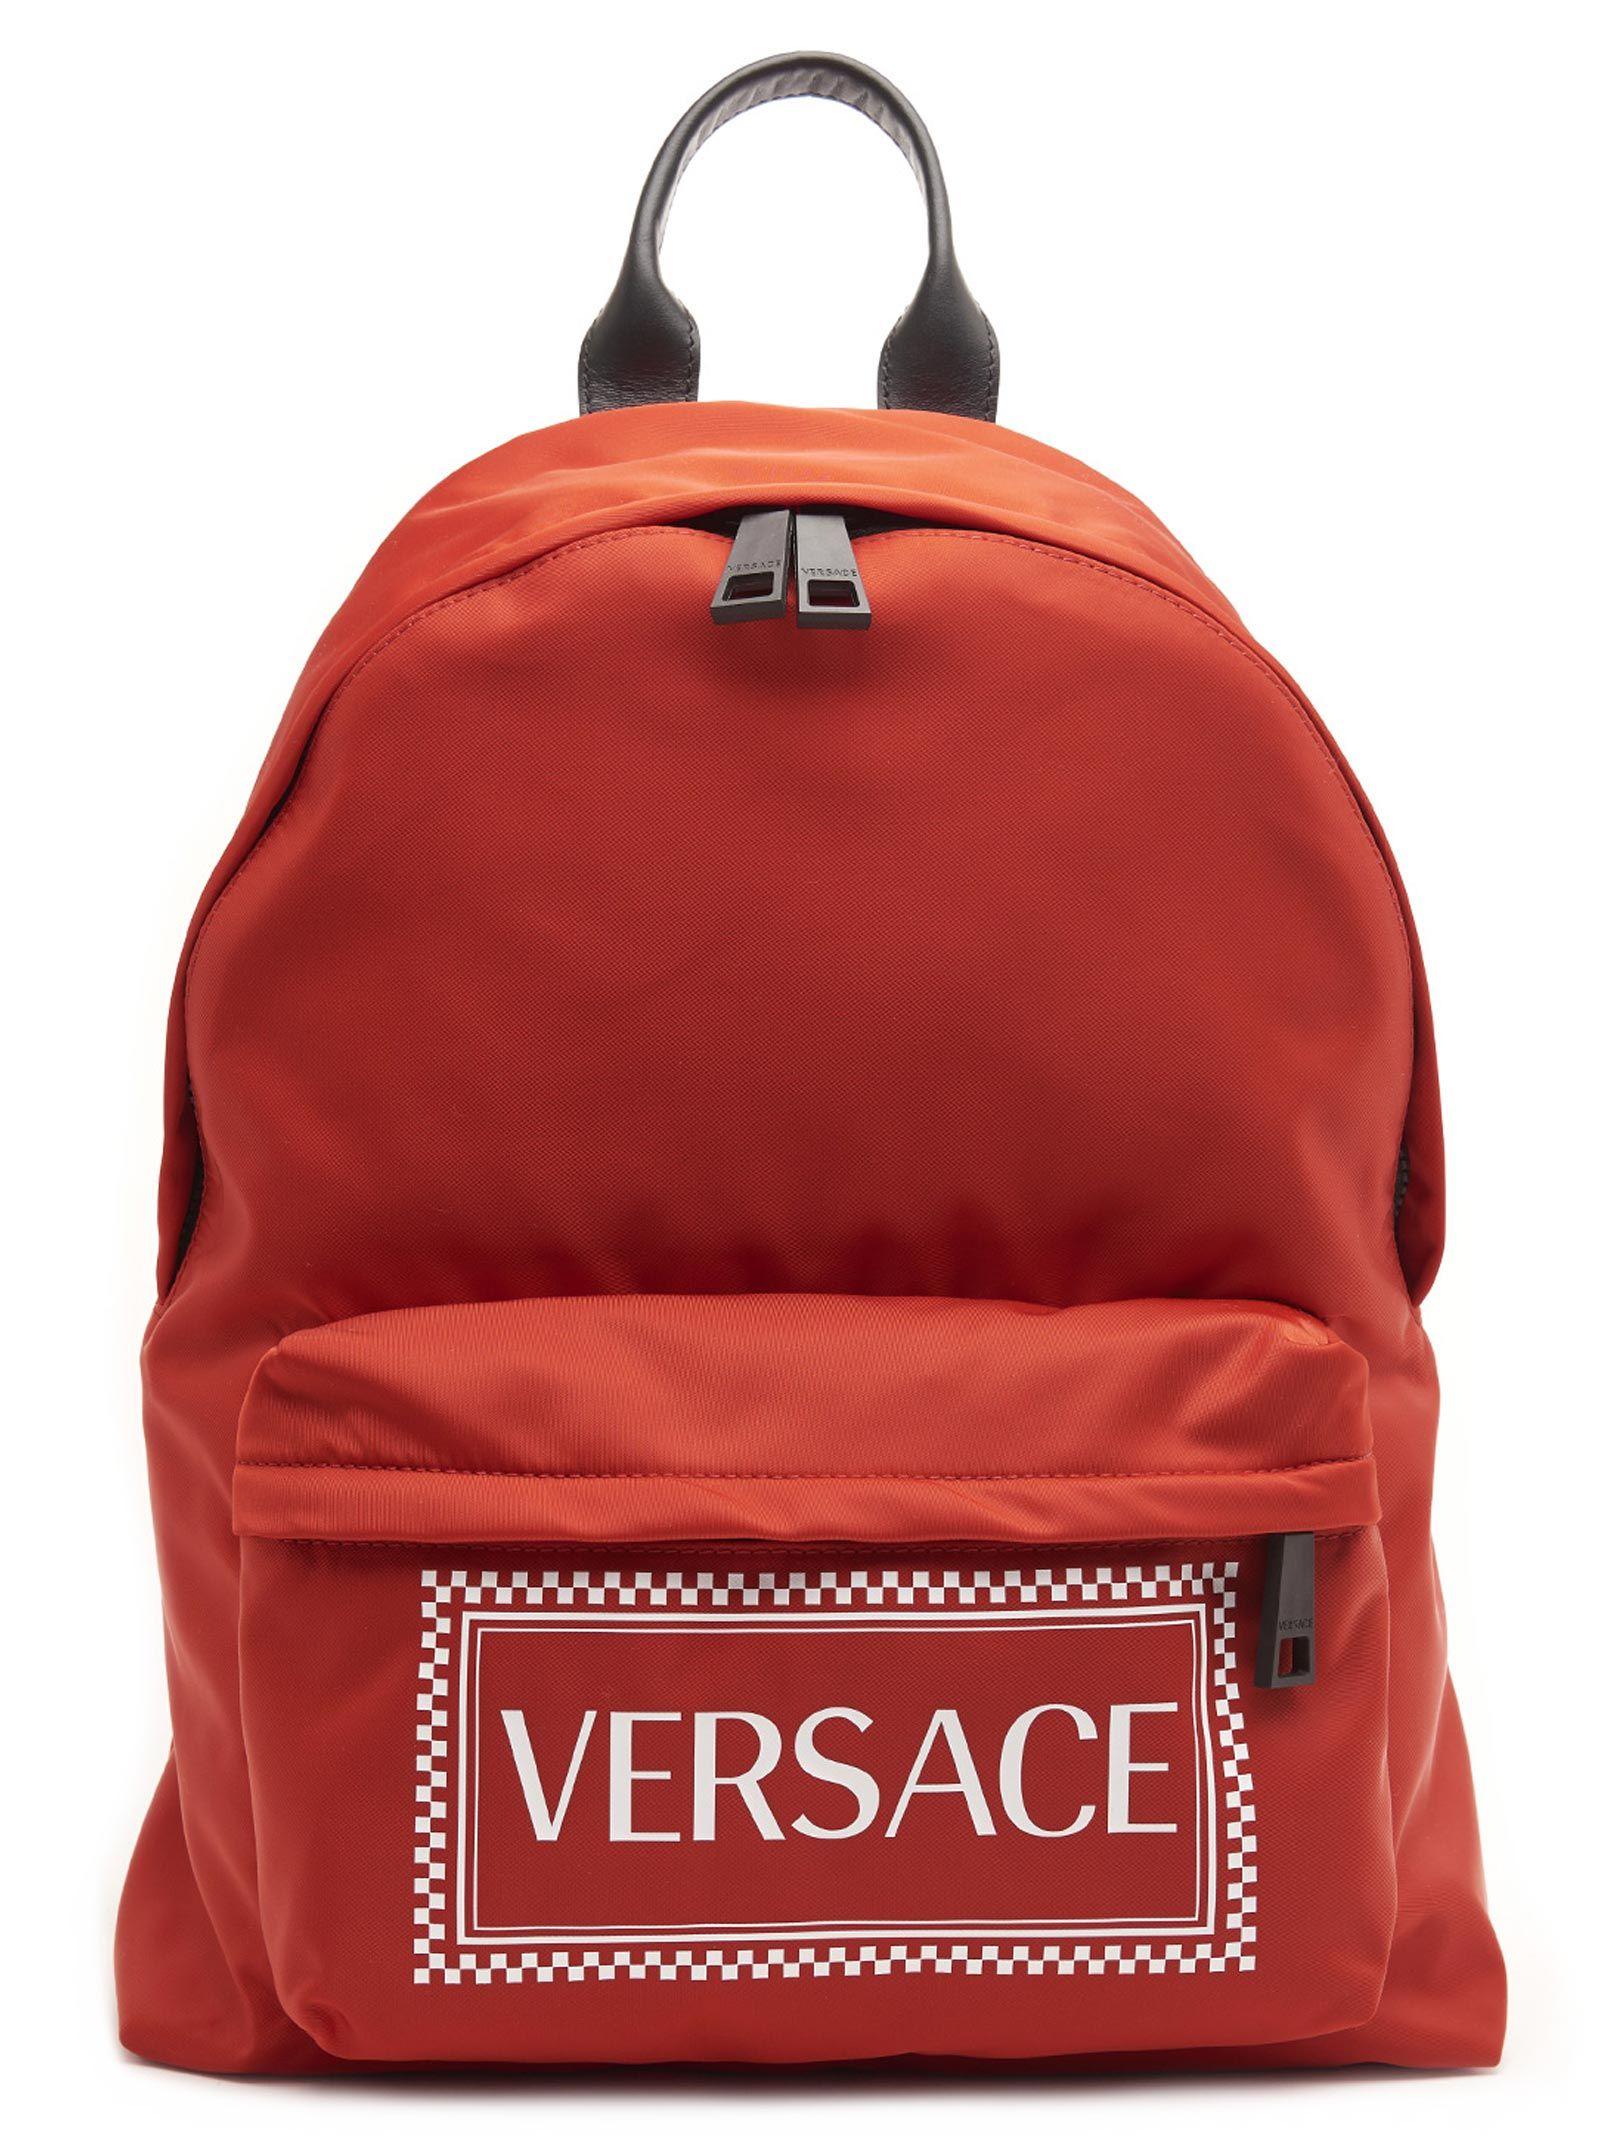 c78766f812aa Versace Versace Bag - Red - 10769541